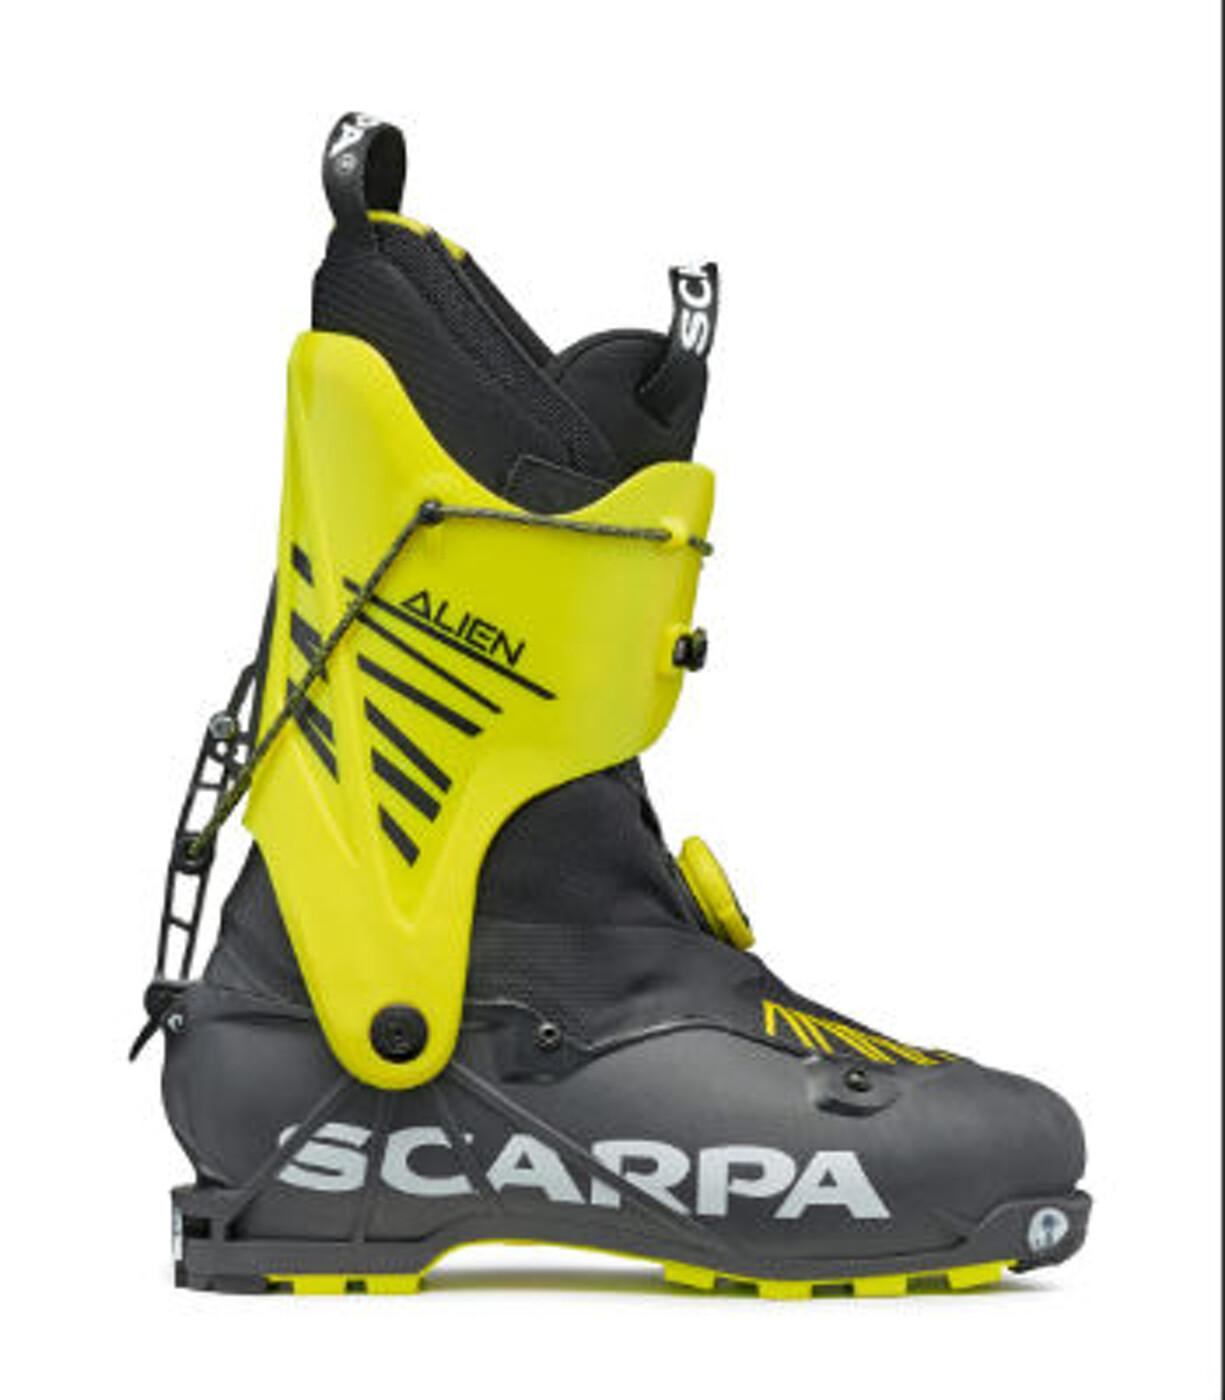 SCARPA Alien Skitourenschuh - Herren